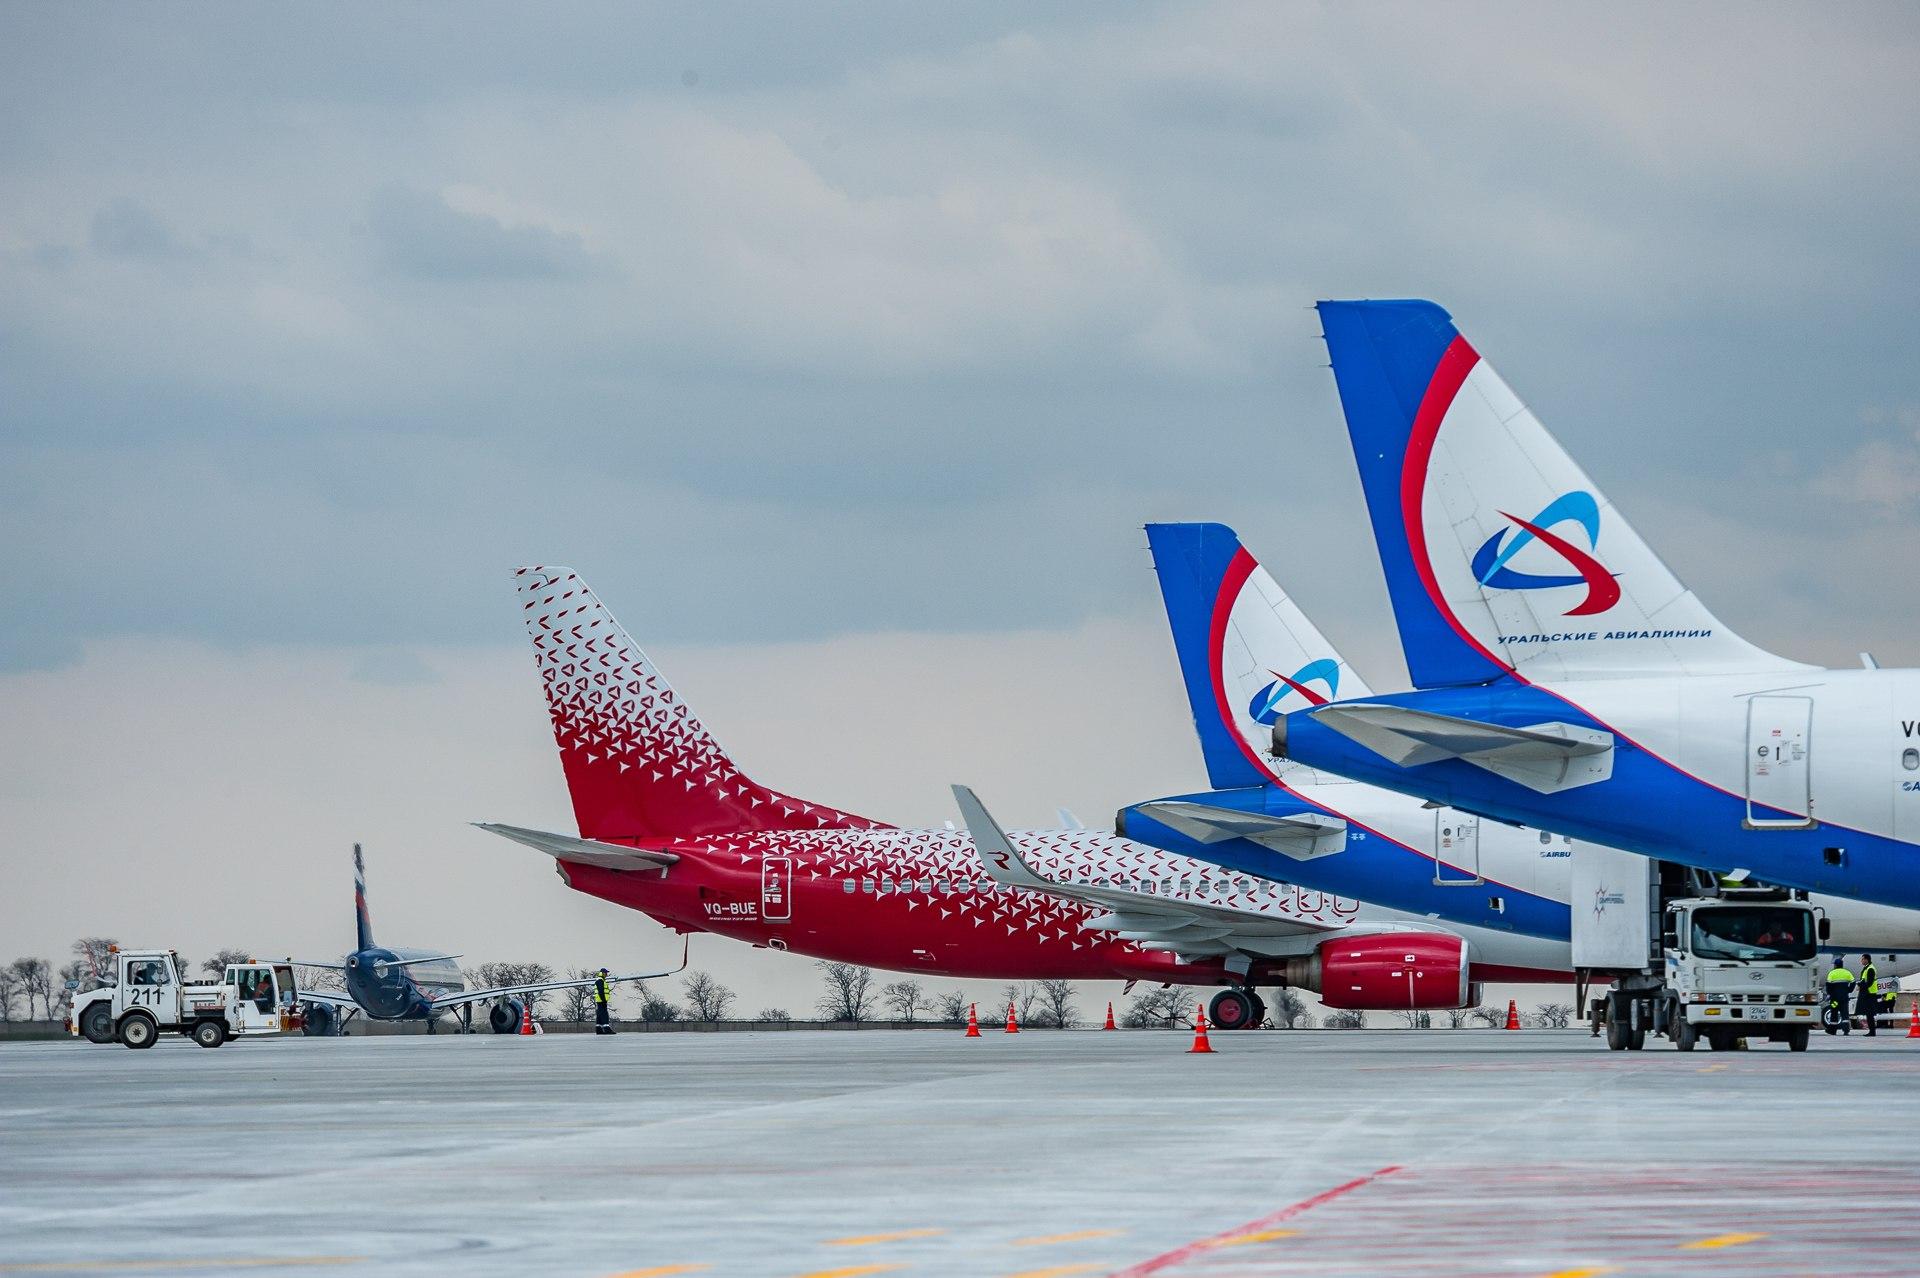 Пассажиропоток аэропорта Симферополь вырос на 8% с начала года